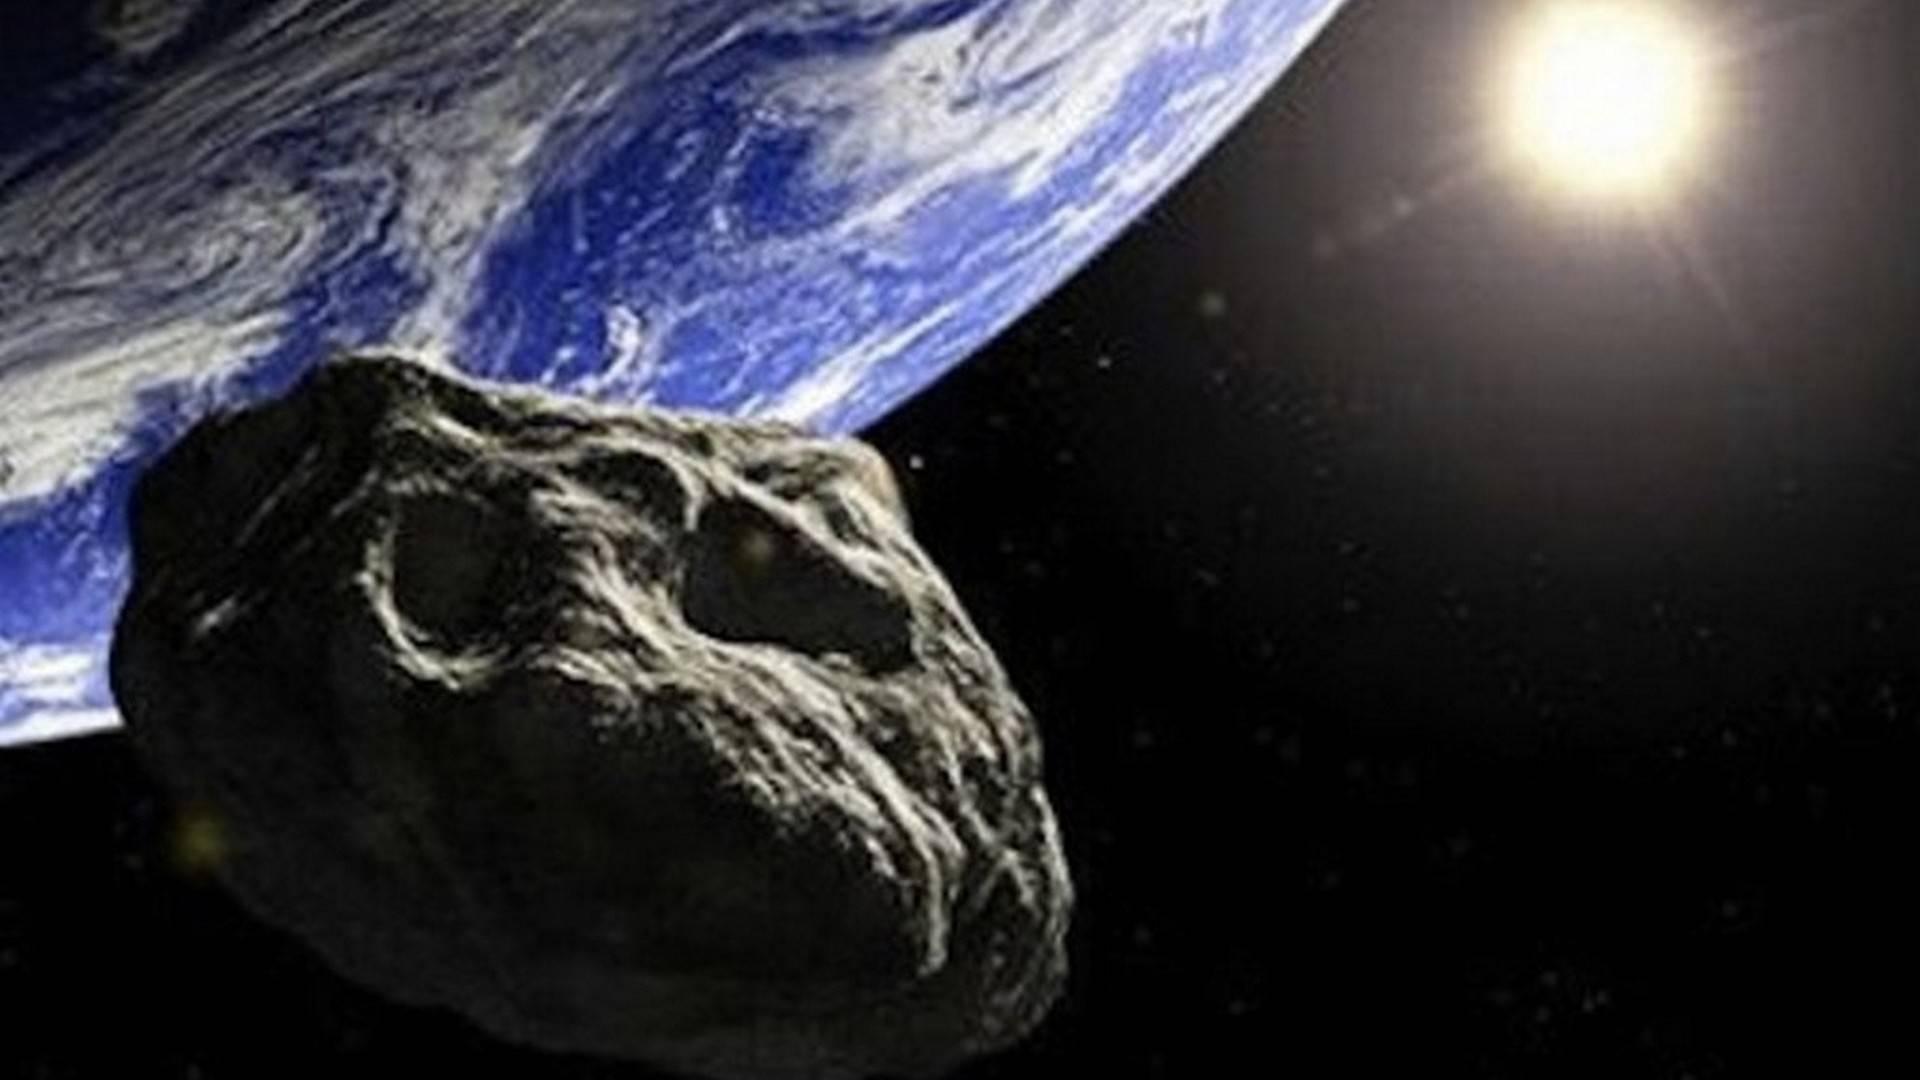 Asteroide che impatta con la Terra